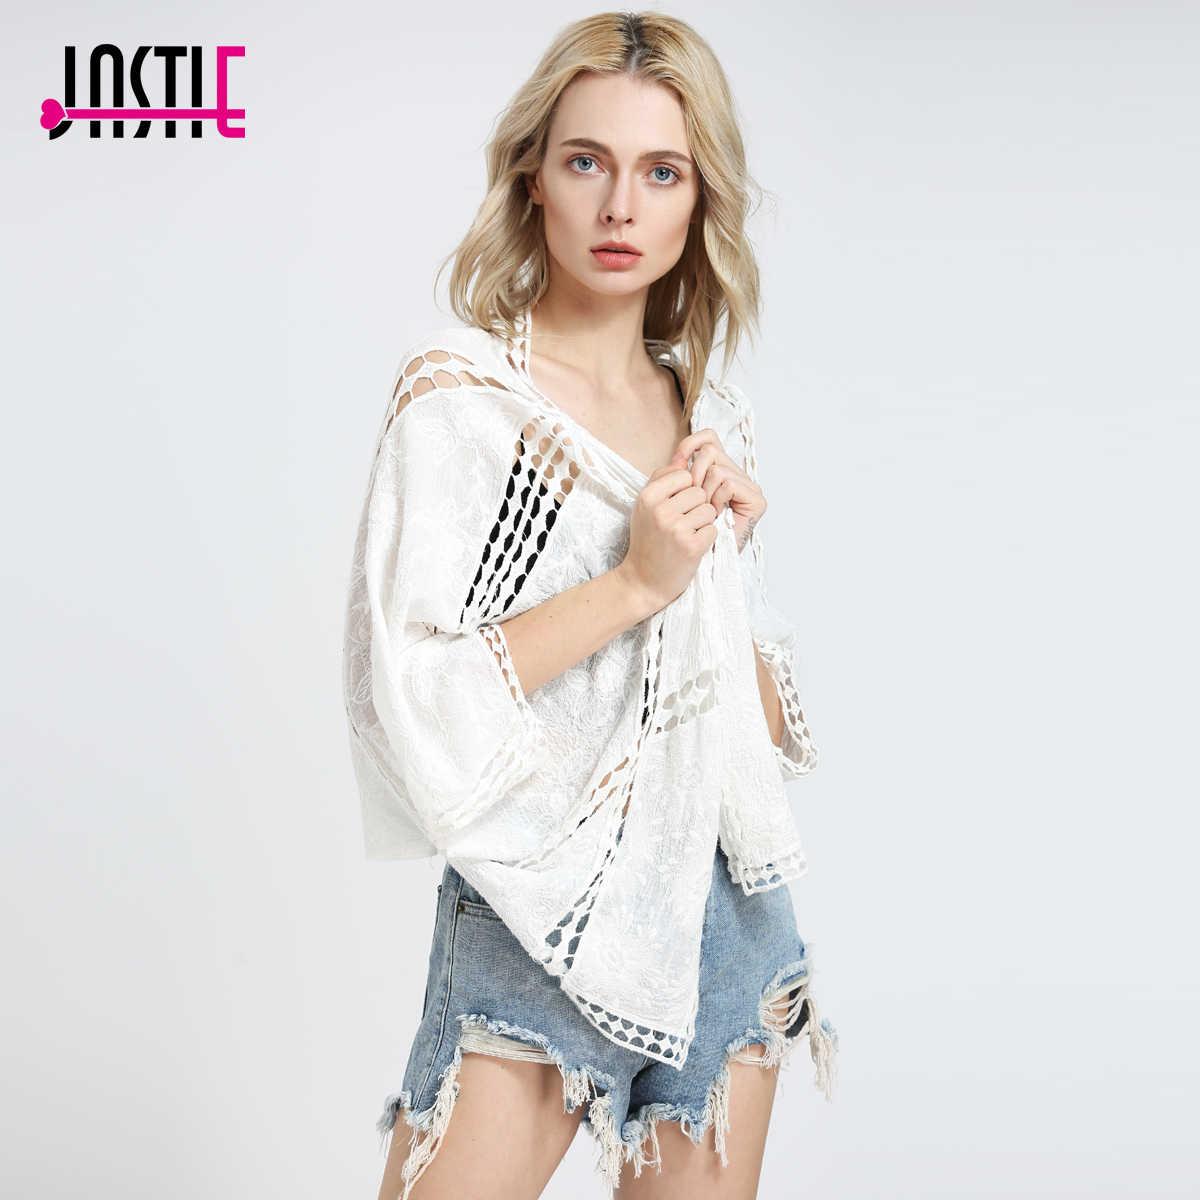 Jastie Boho Хиппи кимоно вышивка вязаный крючком Для женщин верхняя одежда Топ рукава «летучая мышь» Cover Up кардиган Повседневное пляж куртка Z-90